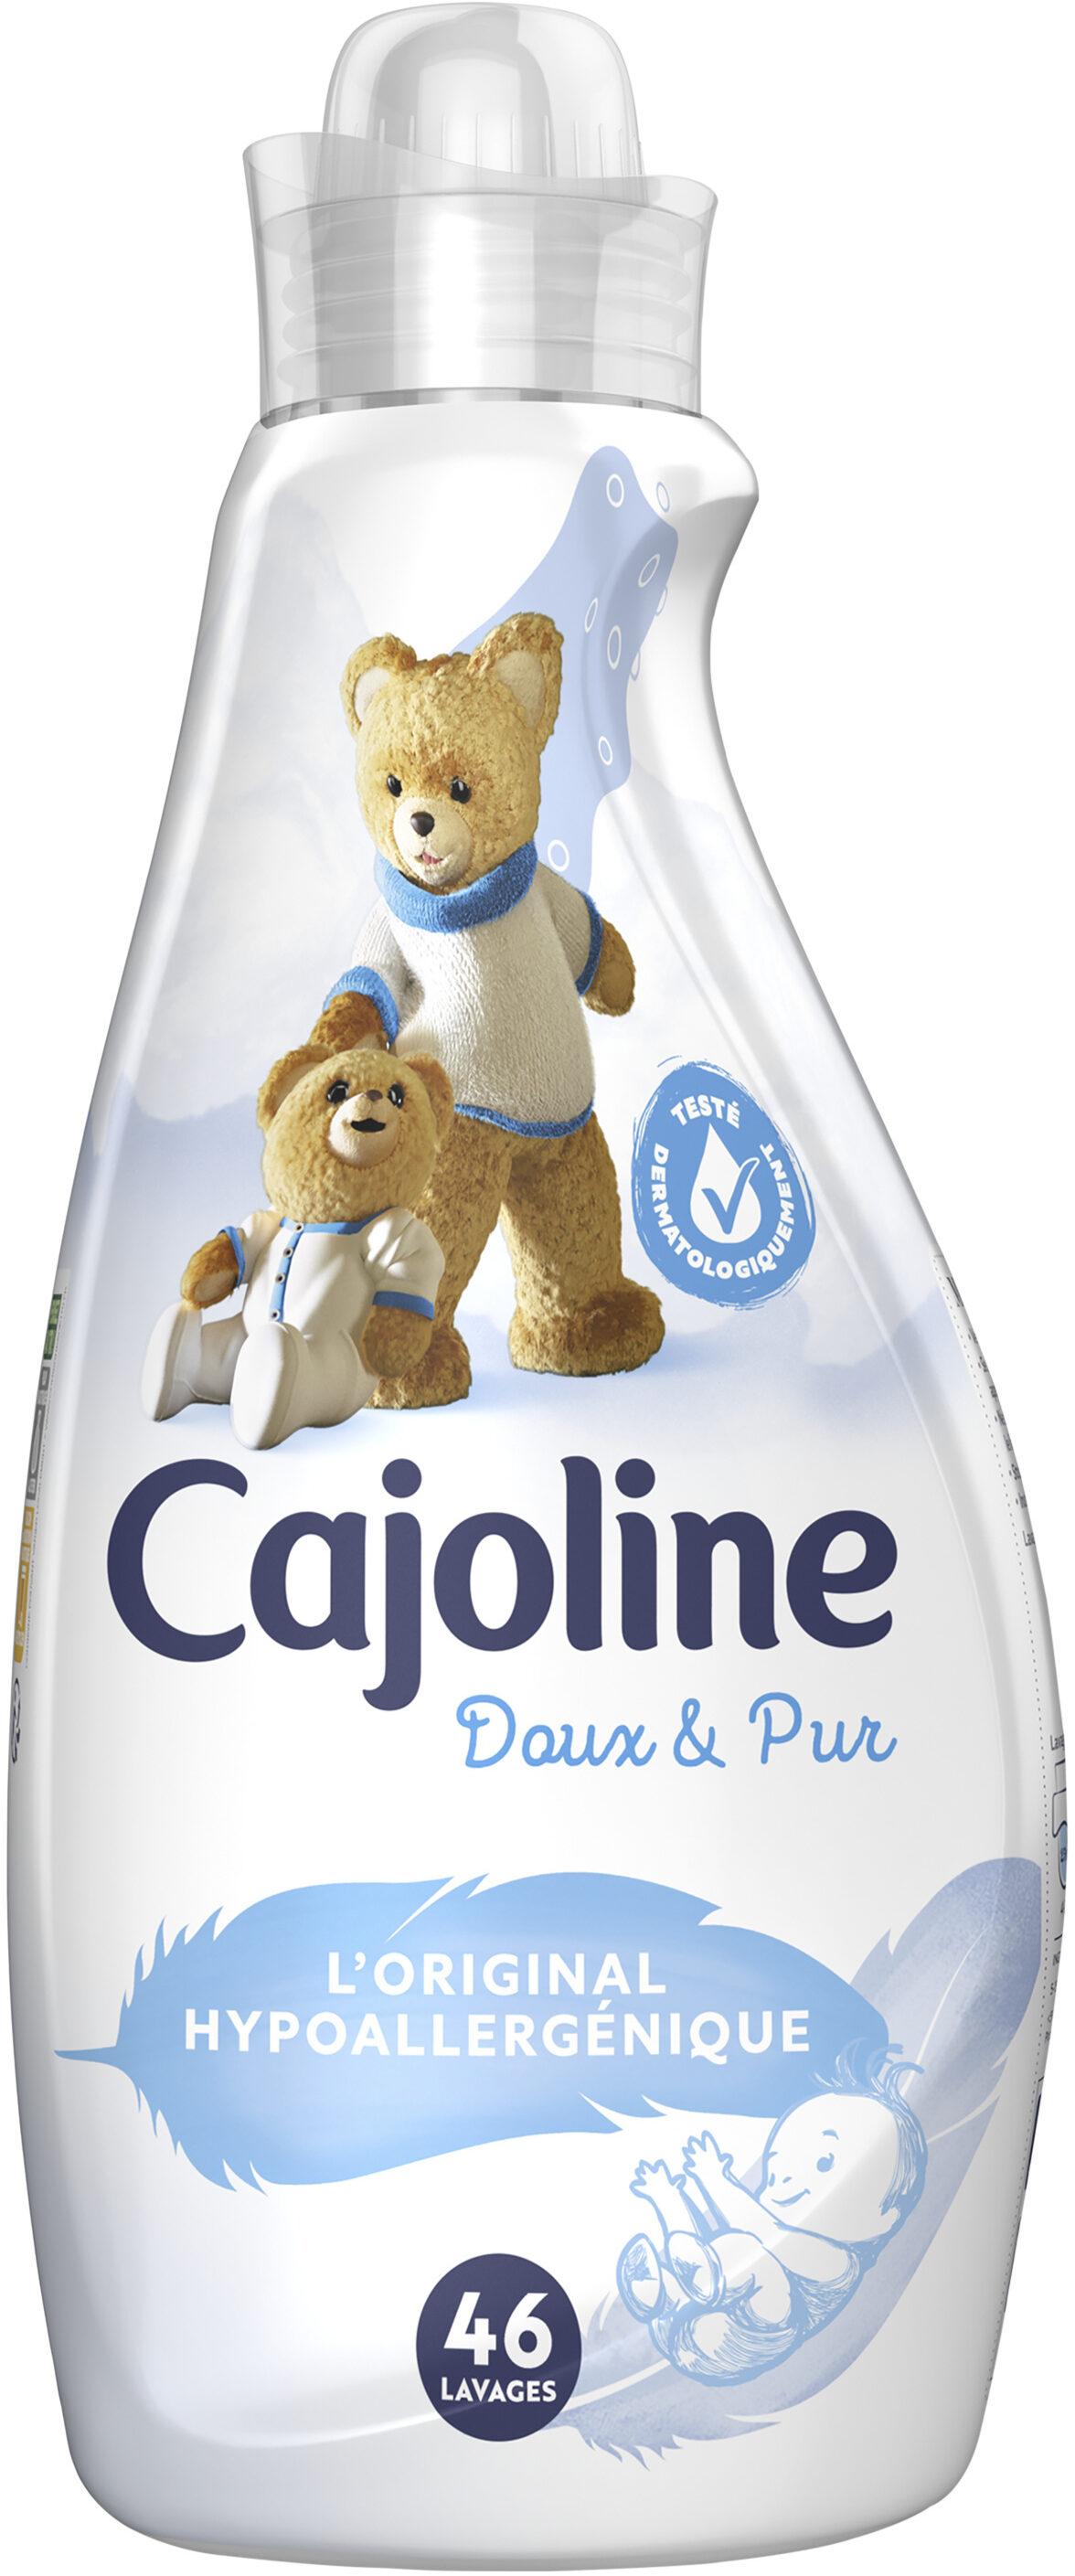 Cajoline Adoucissant Concentré Doux & Pur Hypoallergénique 1,16l 46 Lavages - Product - fr